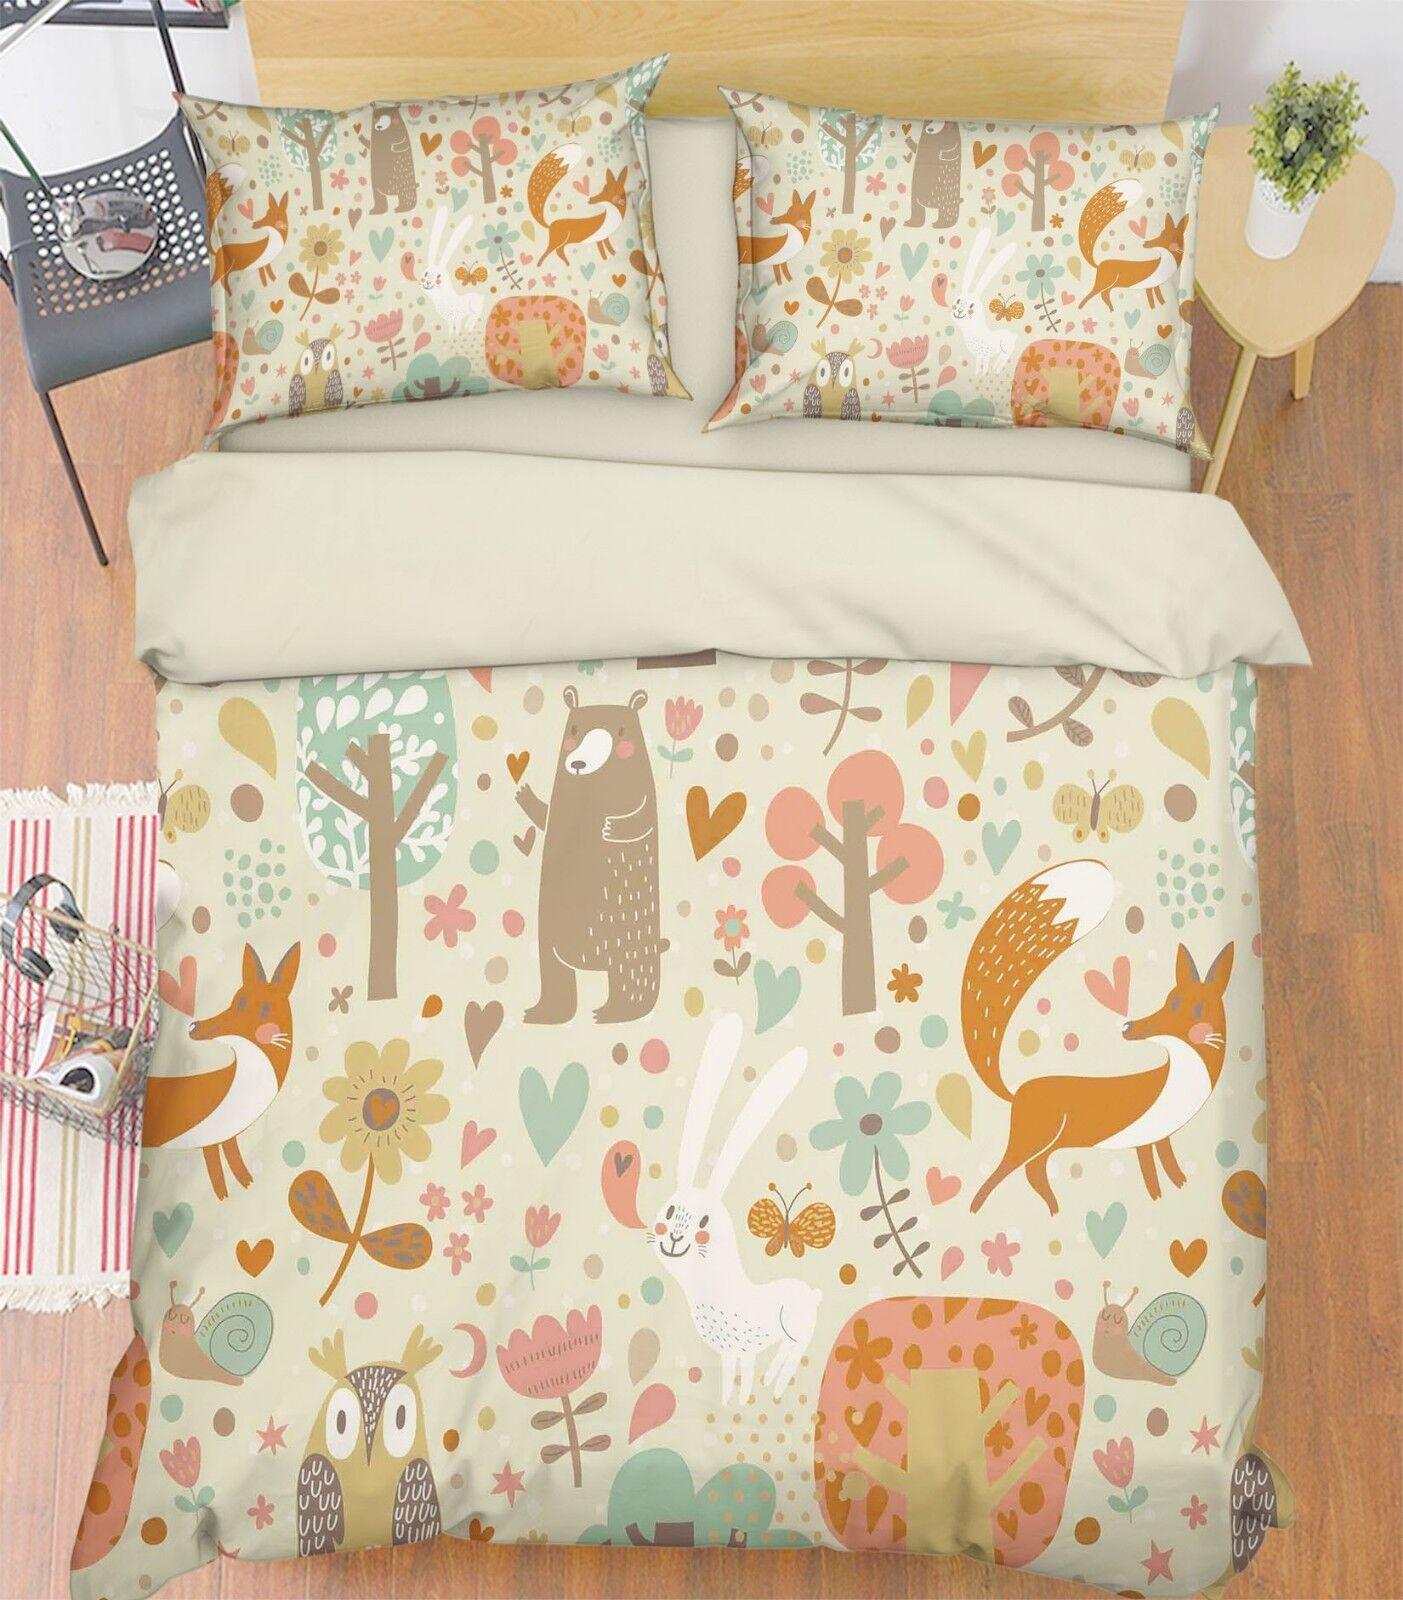 3D Cartoon Animal 5 Bed Pillowcases Quilt Duvet Cover Set Single King UK Lemon